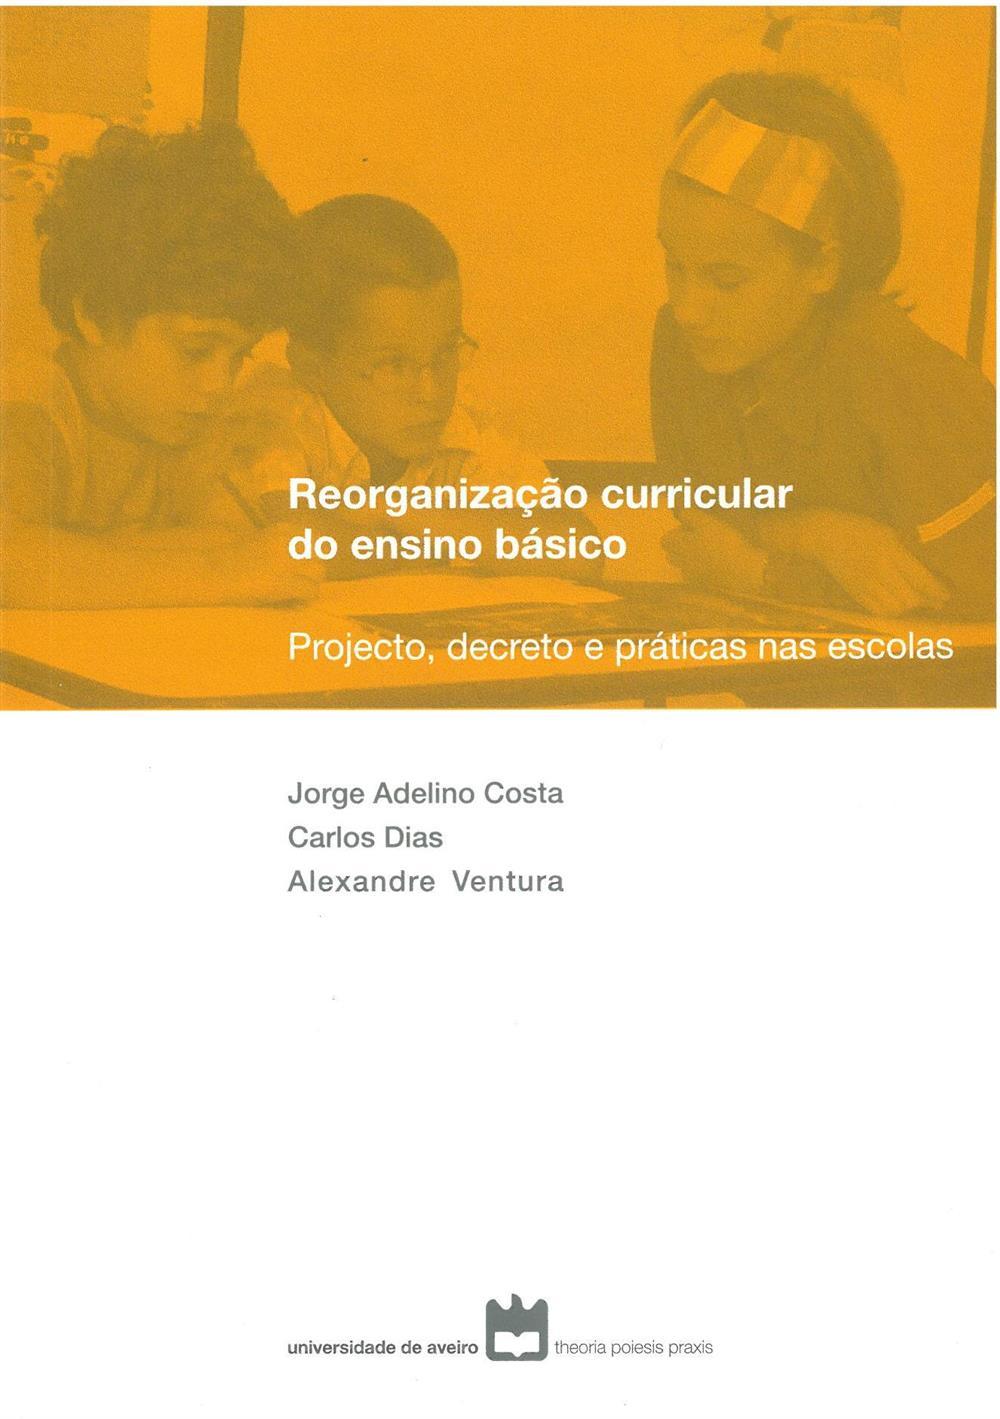 Reorganização curricular do ensino básico_.jpg